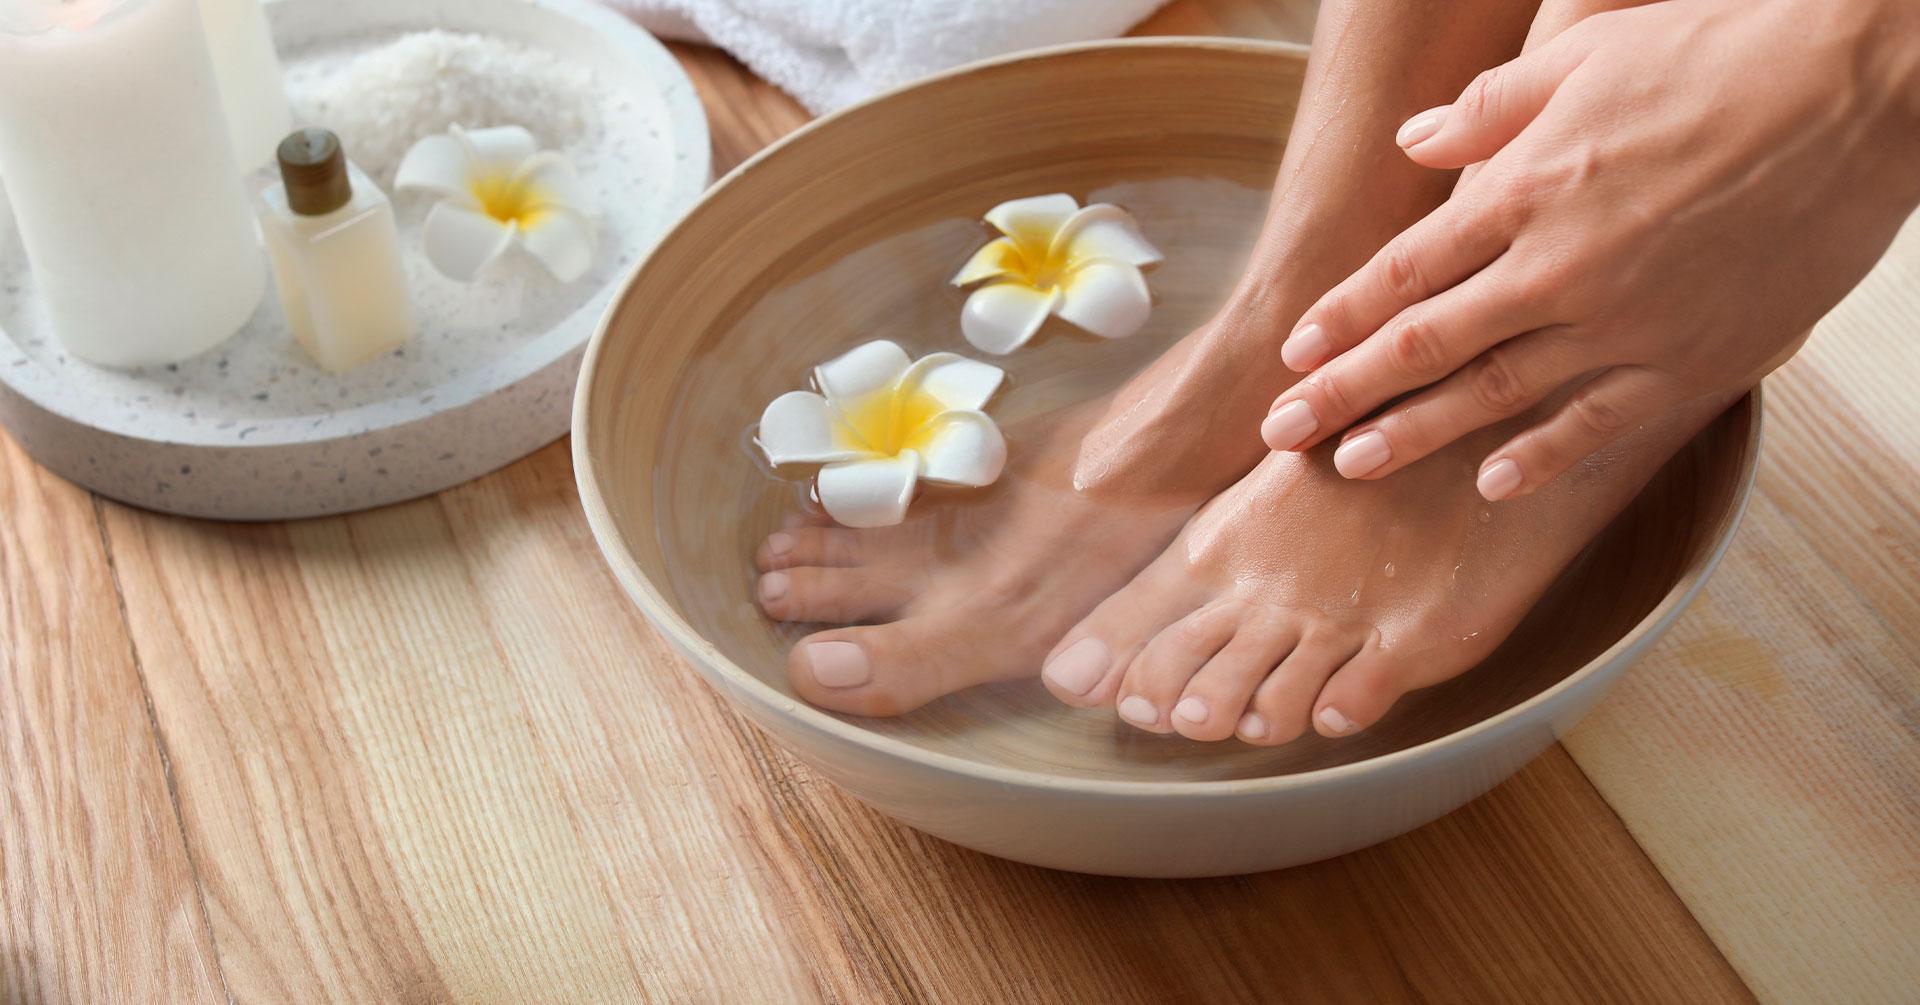 Consiente tus pies con un pedicure casero